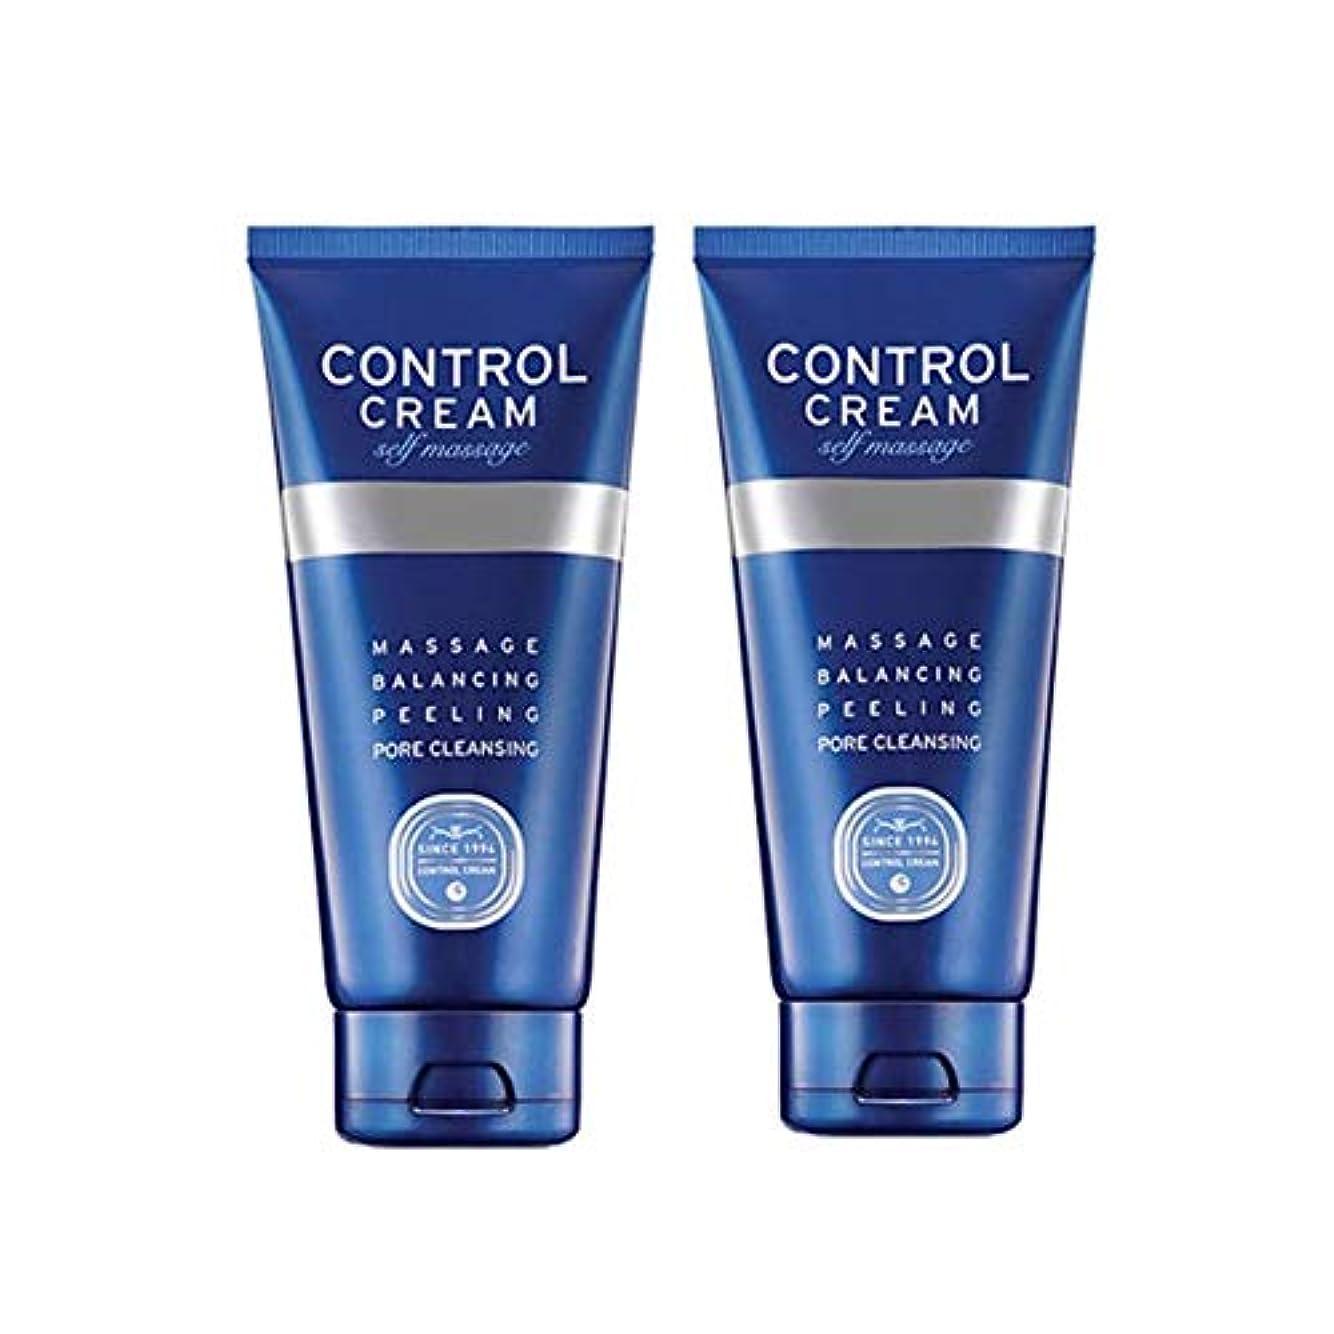 チャムジョンコントロールクリームセルフマッサージ150ml x 2本セット、Charmzone Control Cream Self Massage 150ml x 2ea Set [並行輸入品]